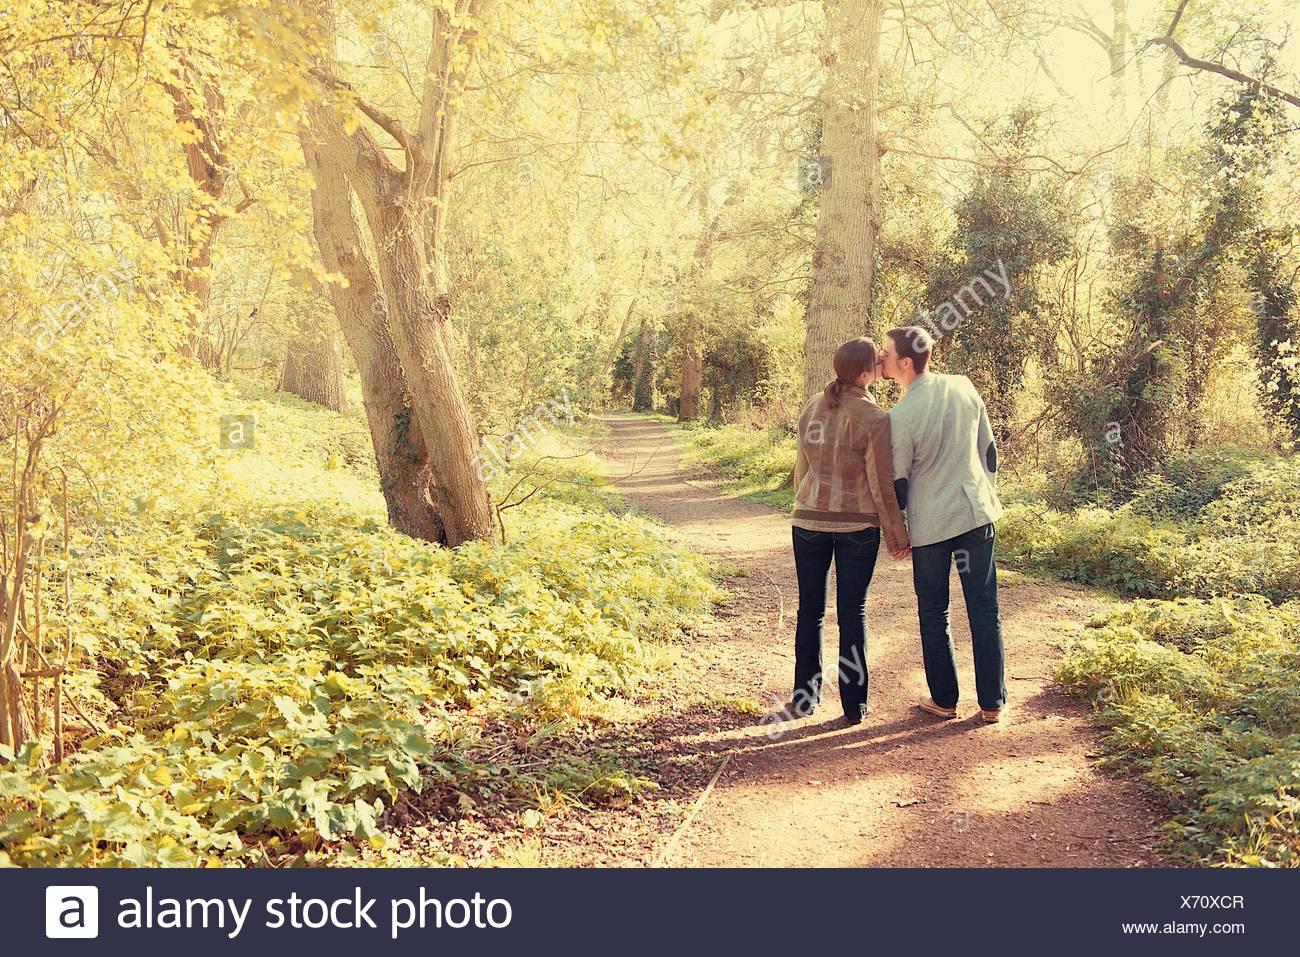 Los amantes a caminar en el parque Imagen De Stock